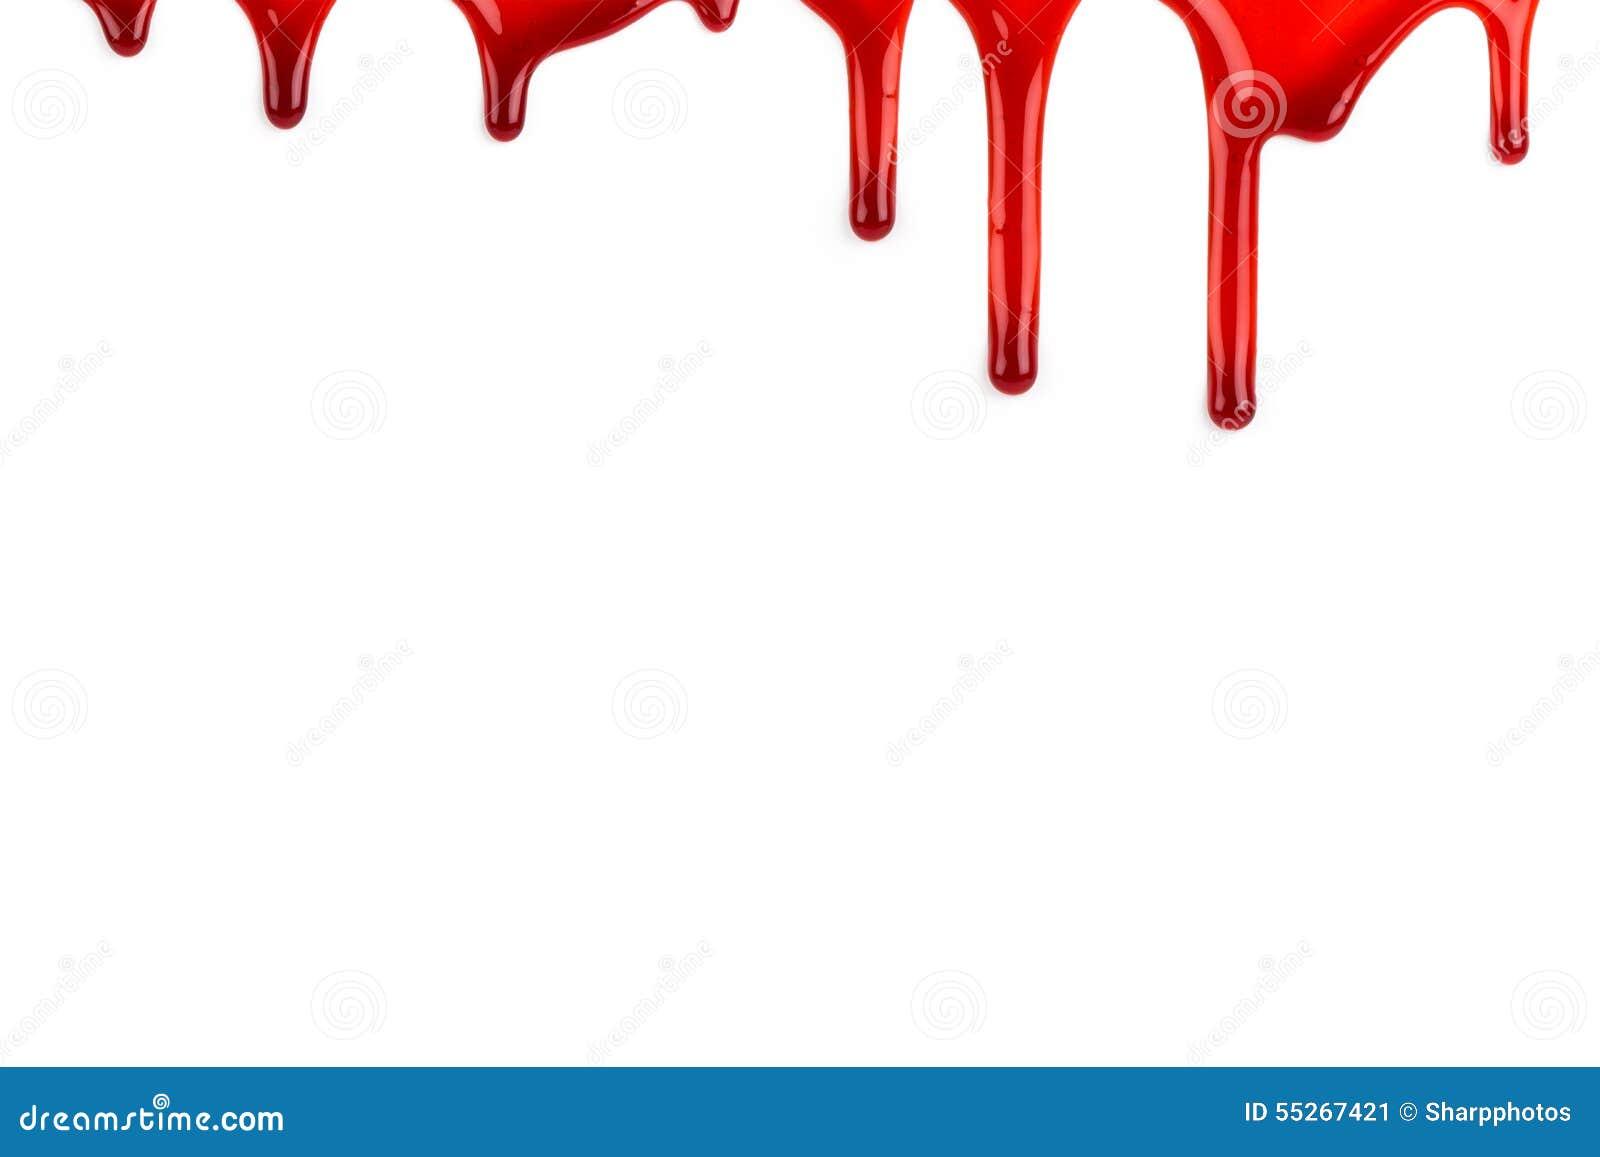 Кровь сочится